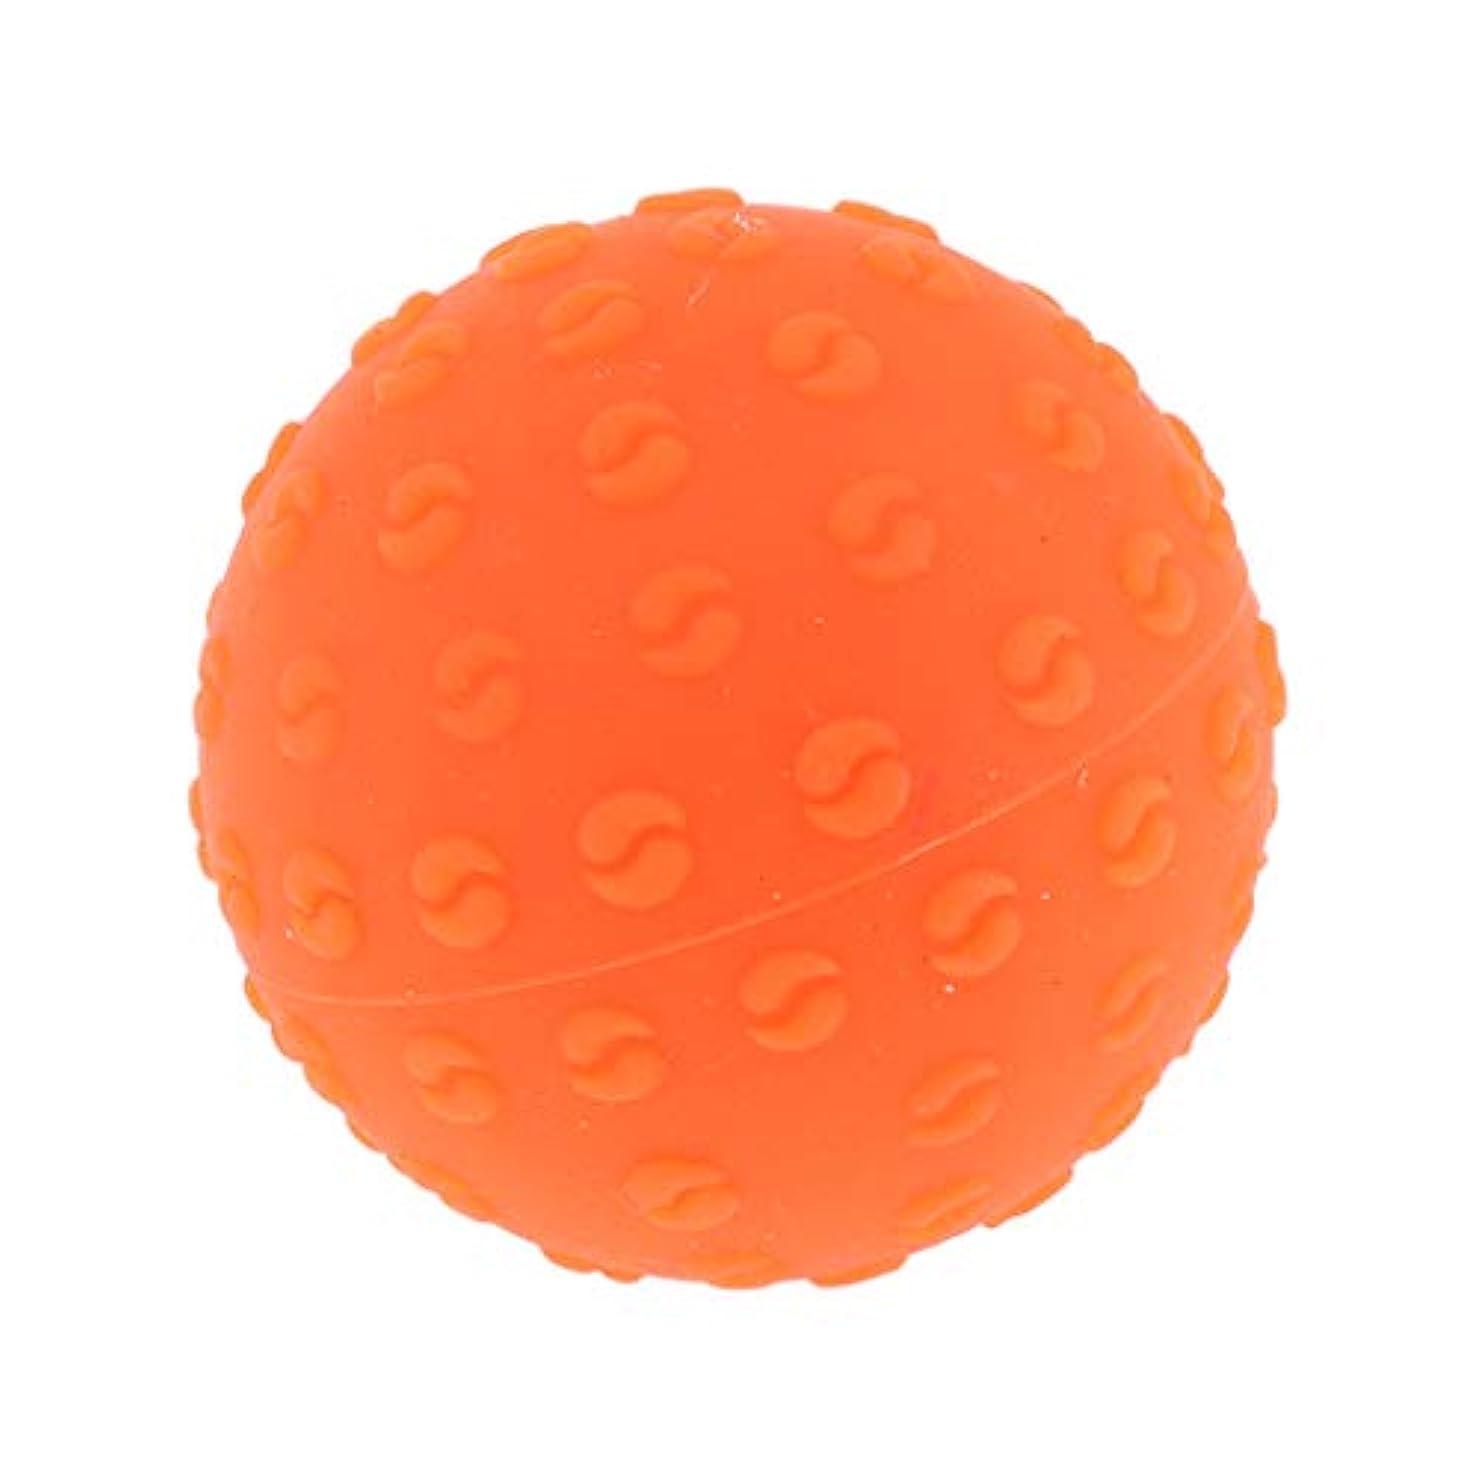 中傷うねるポルティコ全6色 シリコーンマッサージボール 指圧ボール トリガーポイント ヨガ 肩、足、首、腕 解消 耐摩耗 - オレンジ, 説明のとおり